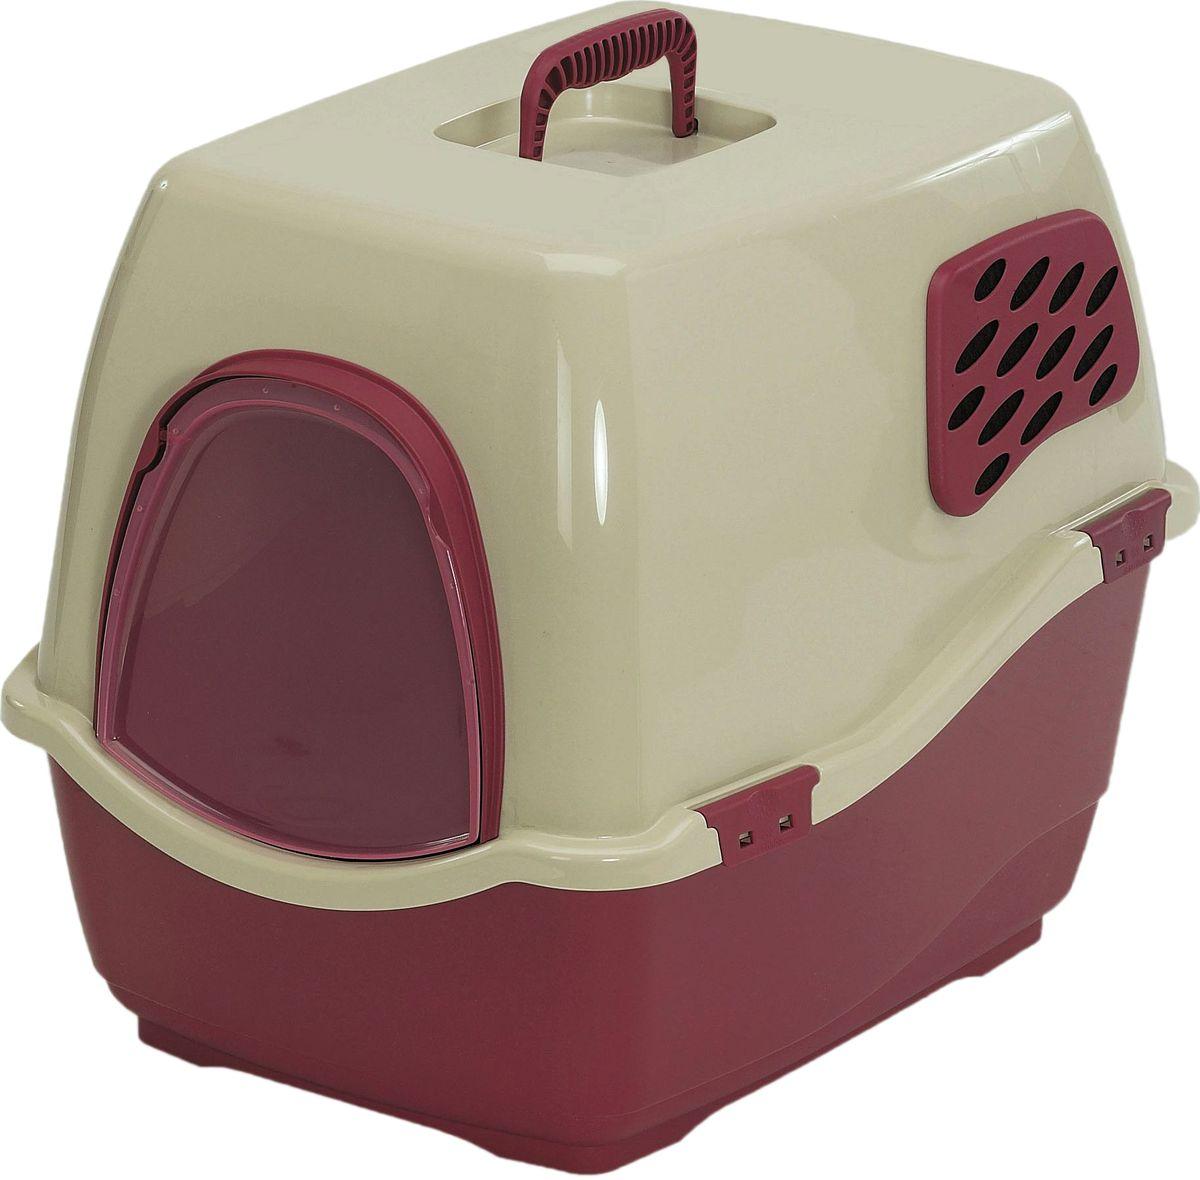 Био-туалет Marchioro Bill 2F, цвет: коричневый, бежевый, 57 х 45 х 48 см0120710Marchioro био-туалет BILL 2F. Закрытый туалет с угольным фильтром препятствует распространению неприятных запахов.Подвижная передняя створка позволяет животному самостоятельно пользоваться туалетом.В комплект также входит фильтр, дверка и ручка. Фильтр необходимо менять каждые 3-6 месяцев. Размер 57х45х48h.